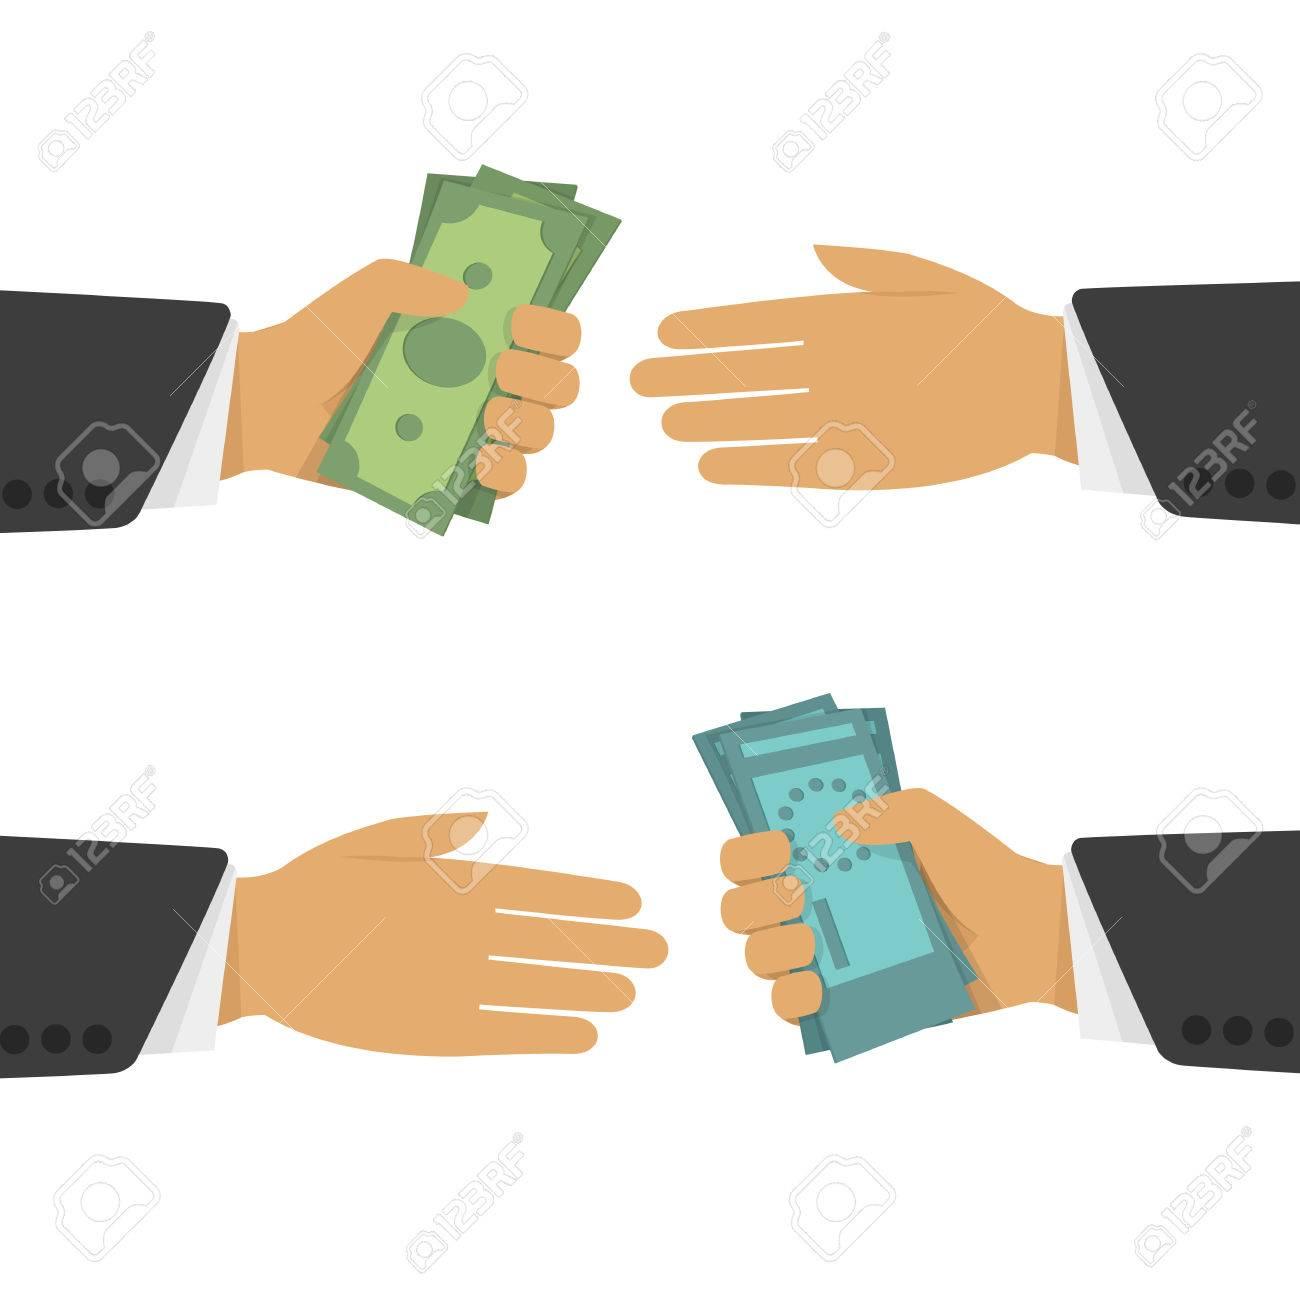 banque d images bureau de change un bureau de change bourse dans un style plat les operations de change en especes de main en main